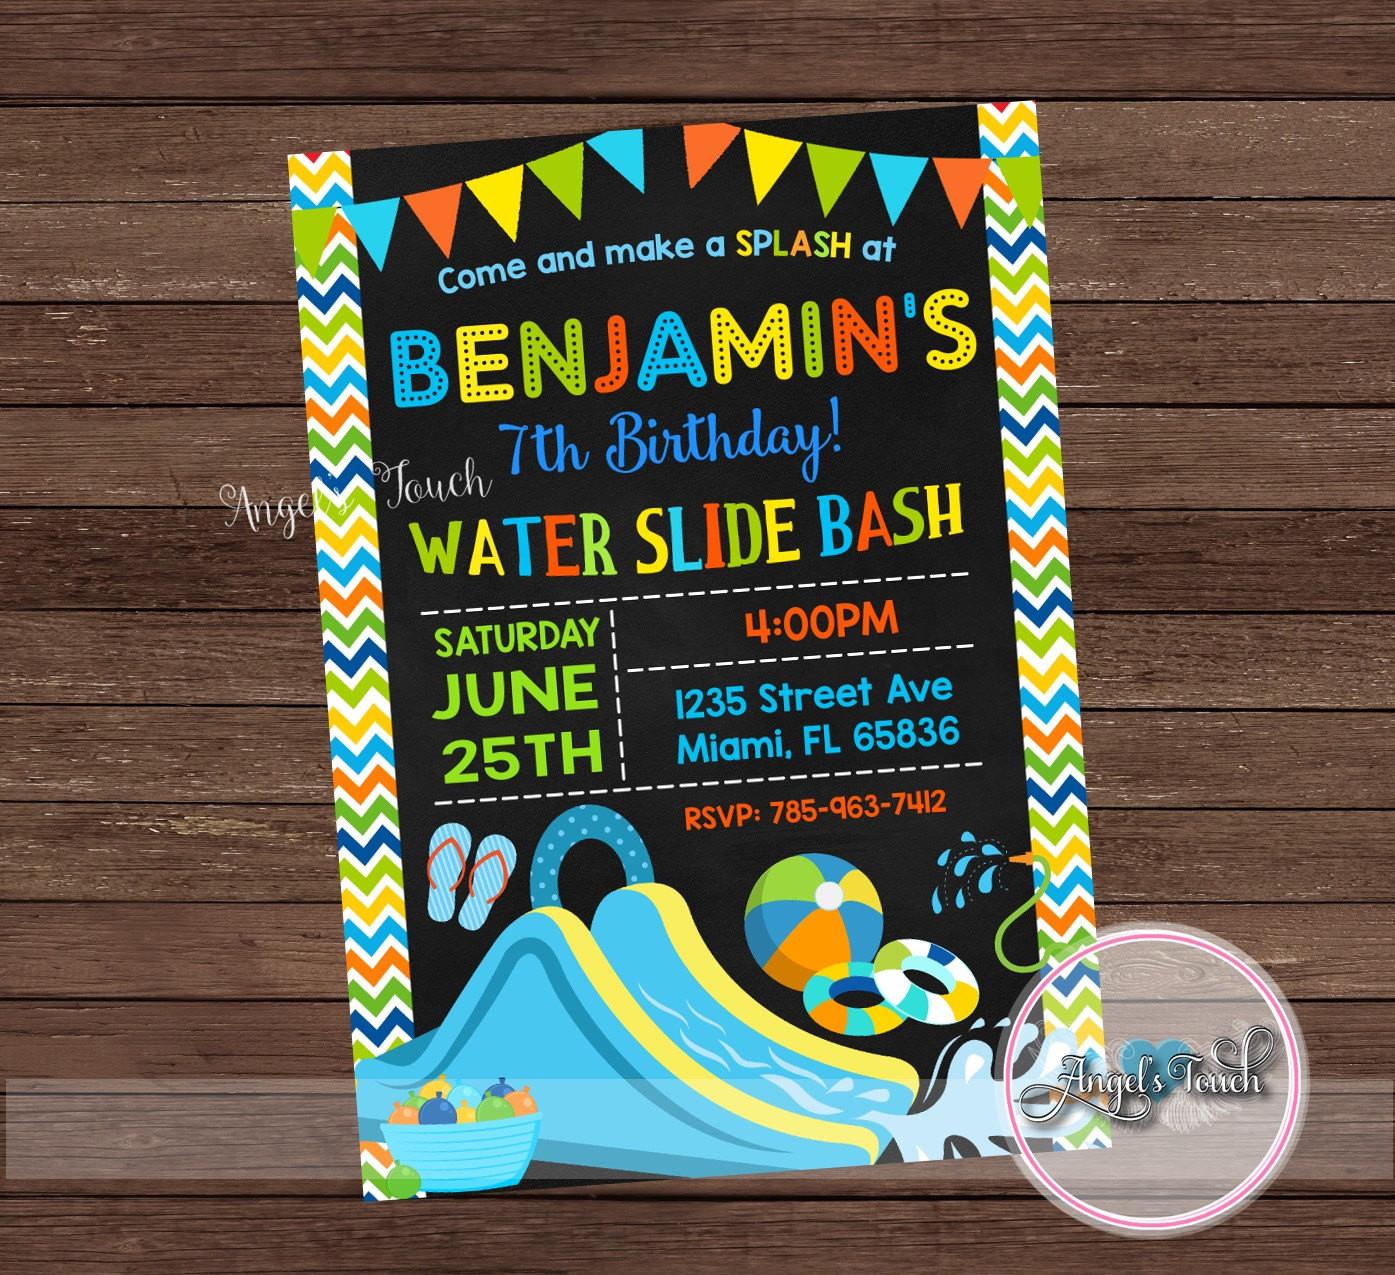 Best ideas about Water Slide Birthday Invitations . Save or Pin Water Slide Party Invitation Waterslide Birthday Invitation Now.